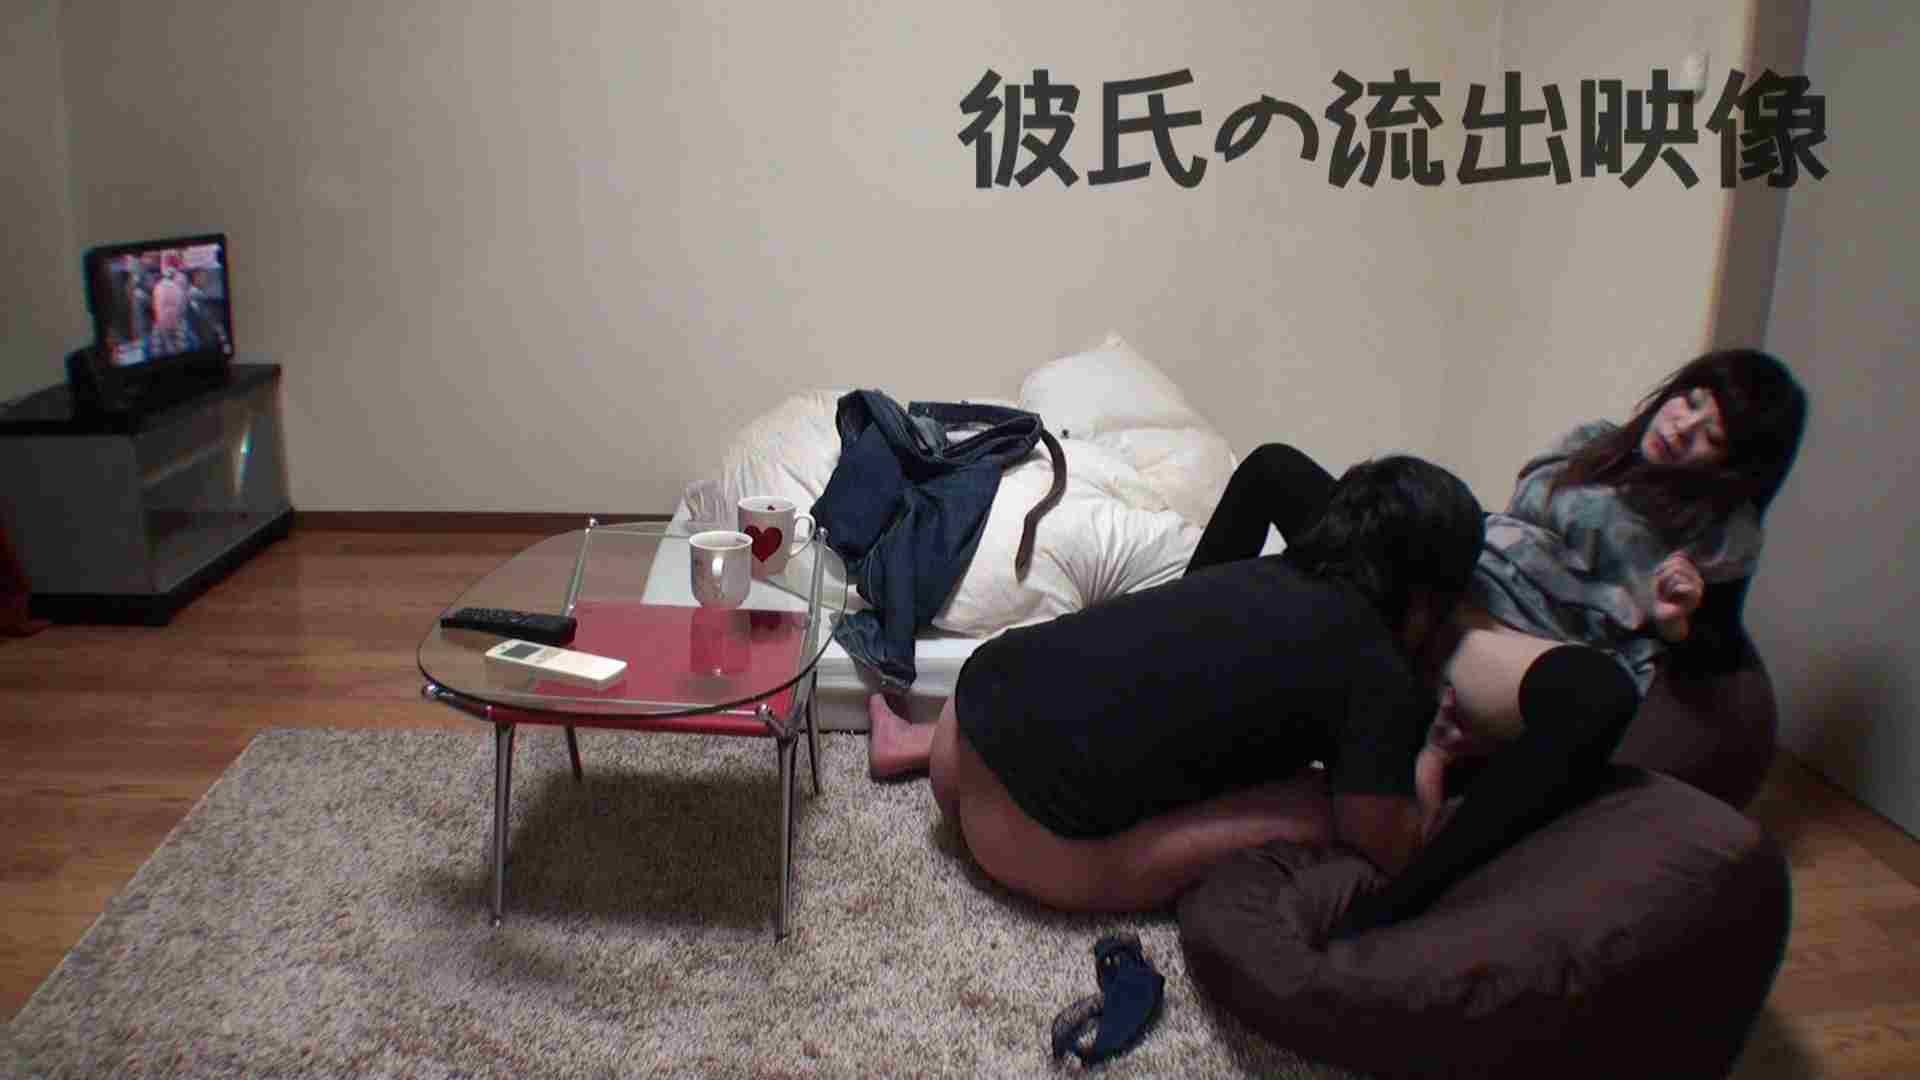 彼氏が流出 パイパン素人嬢のハメ撮り映像02 中出し AV動画キャプチャ 79pic 23